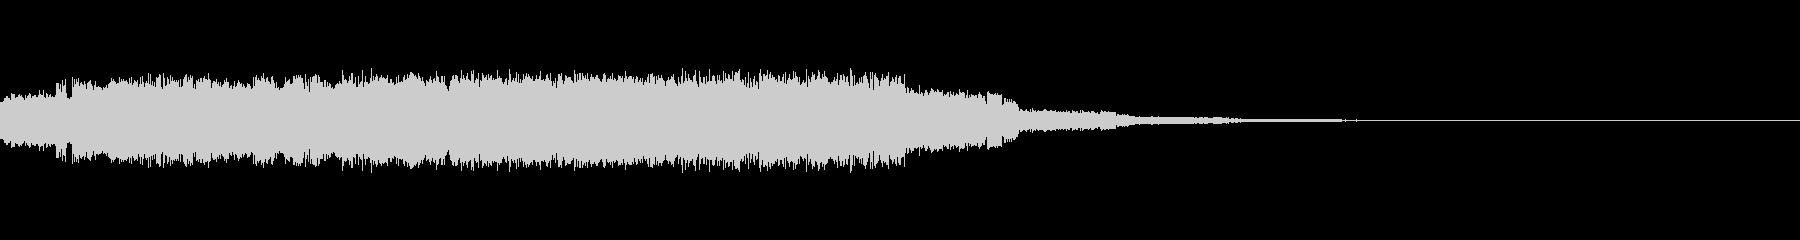 ポヨポヨポヨポヨ【電子的な水音】の未再生の波形